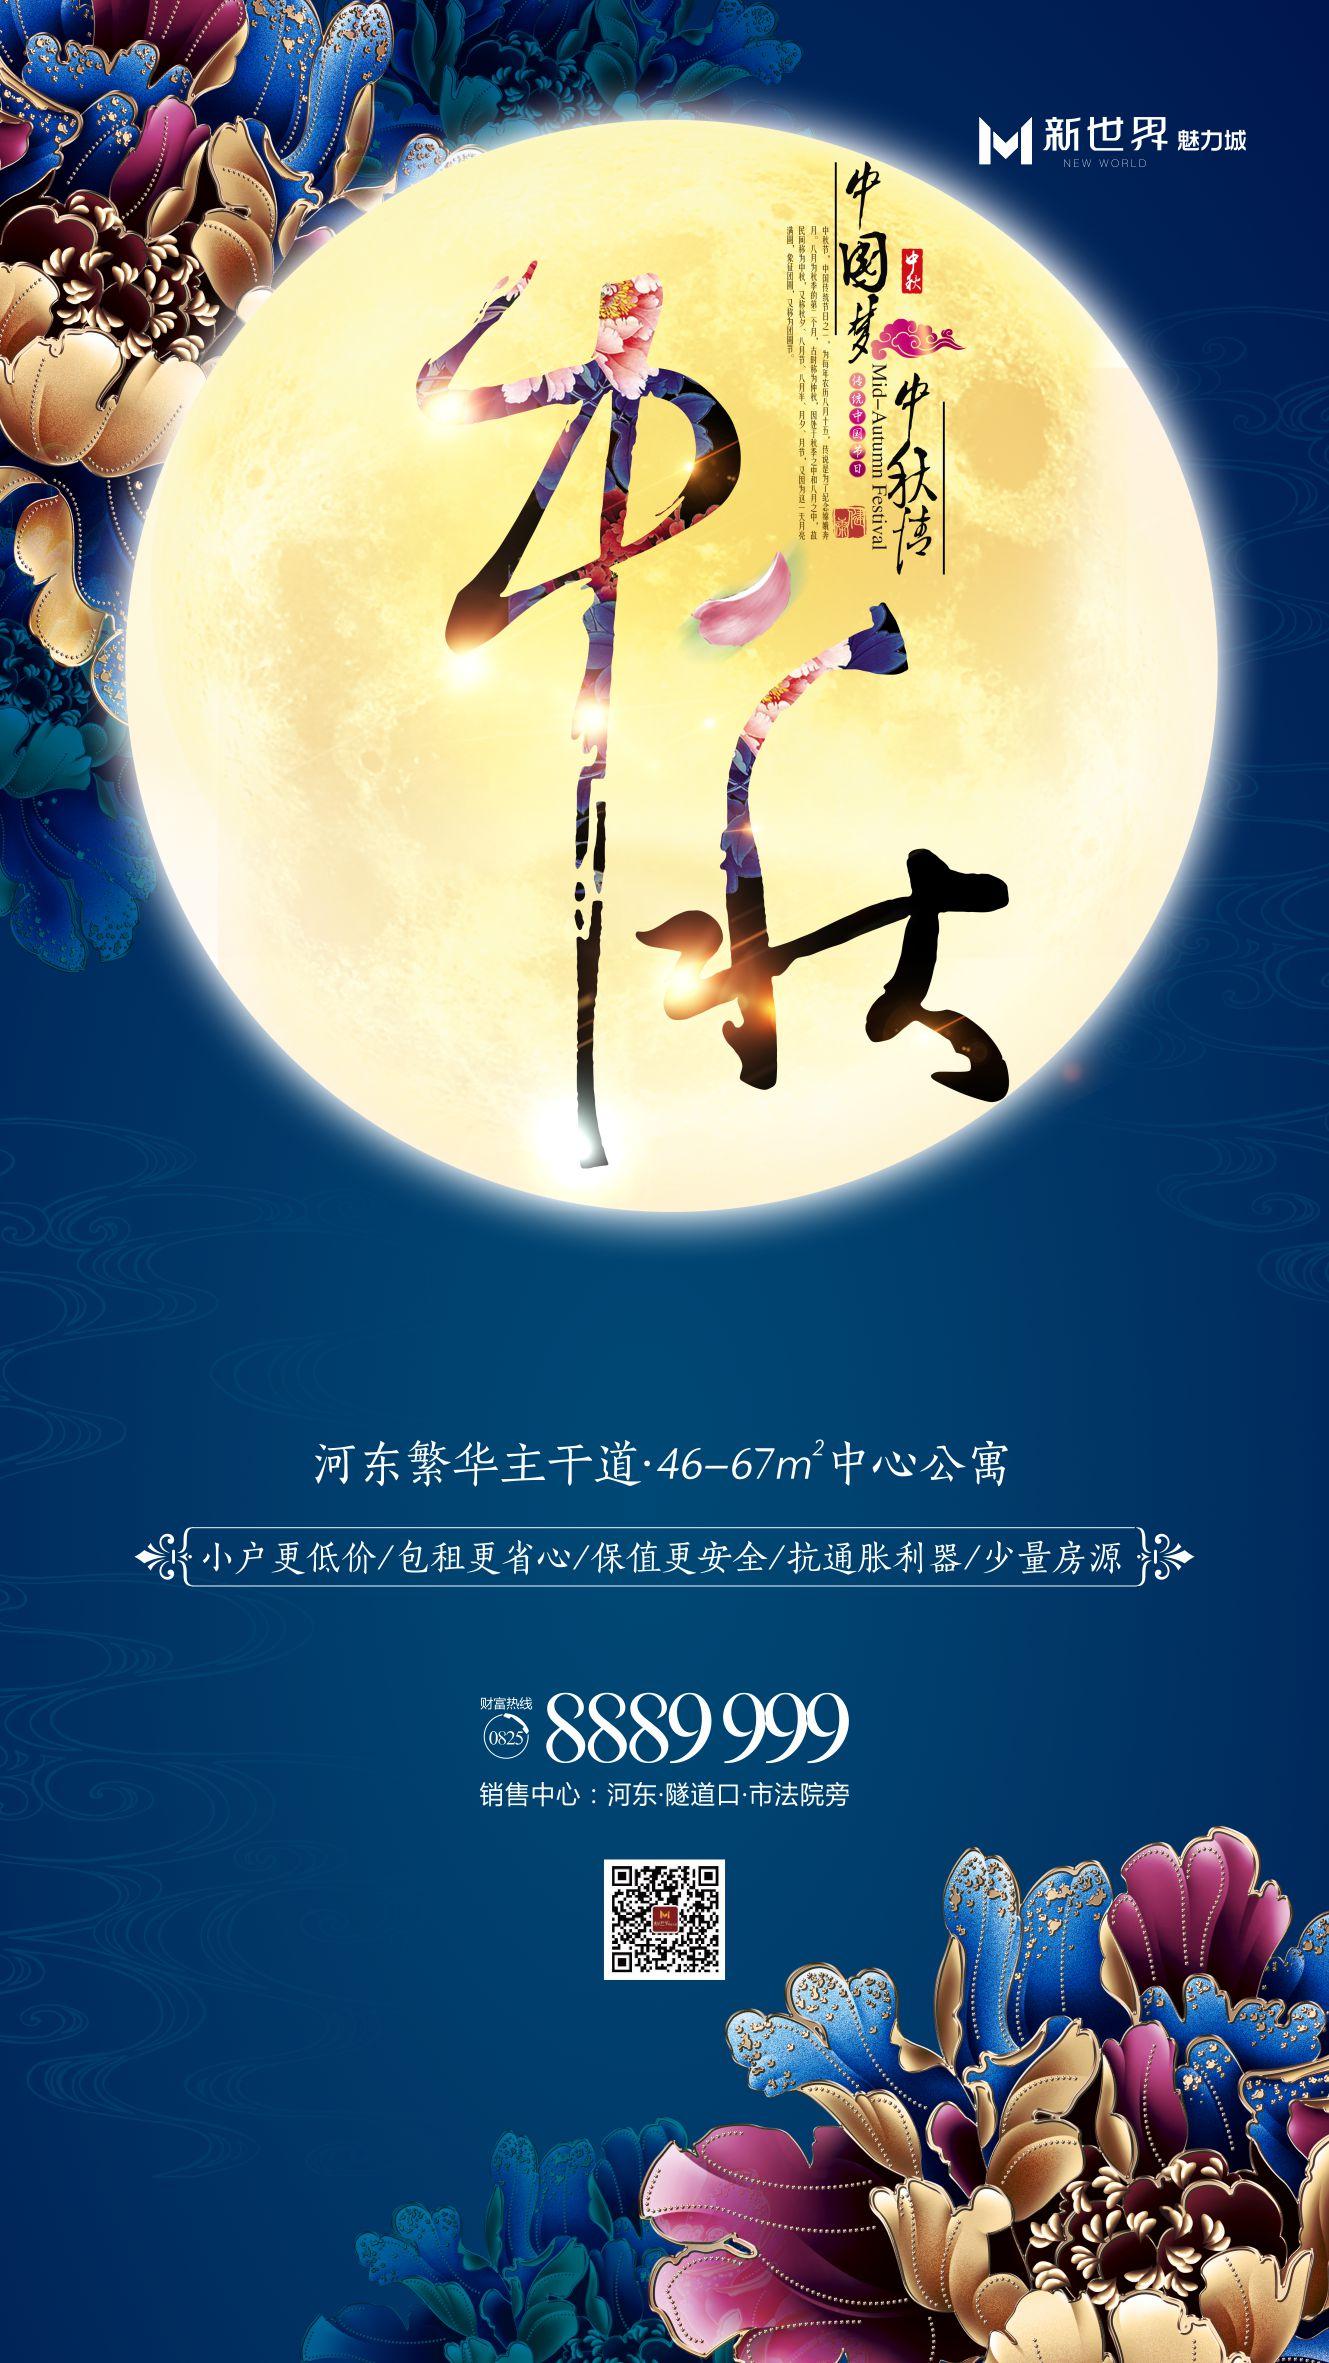 遂宁魅力城祝您中秋节快乐!